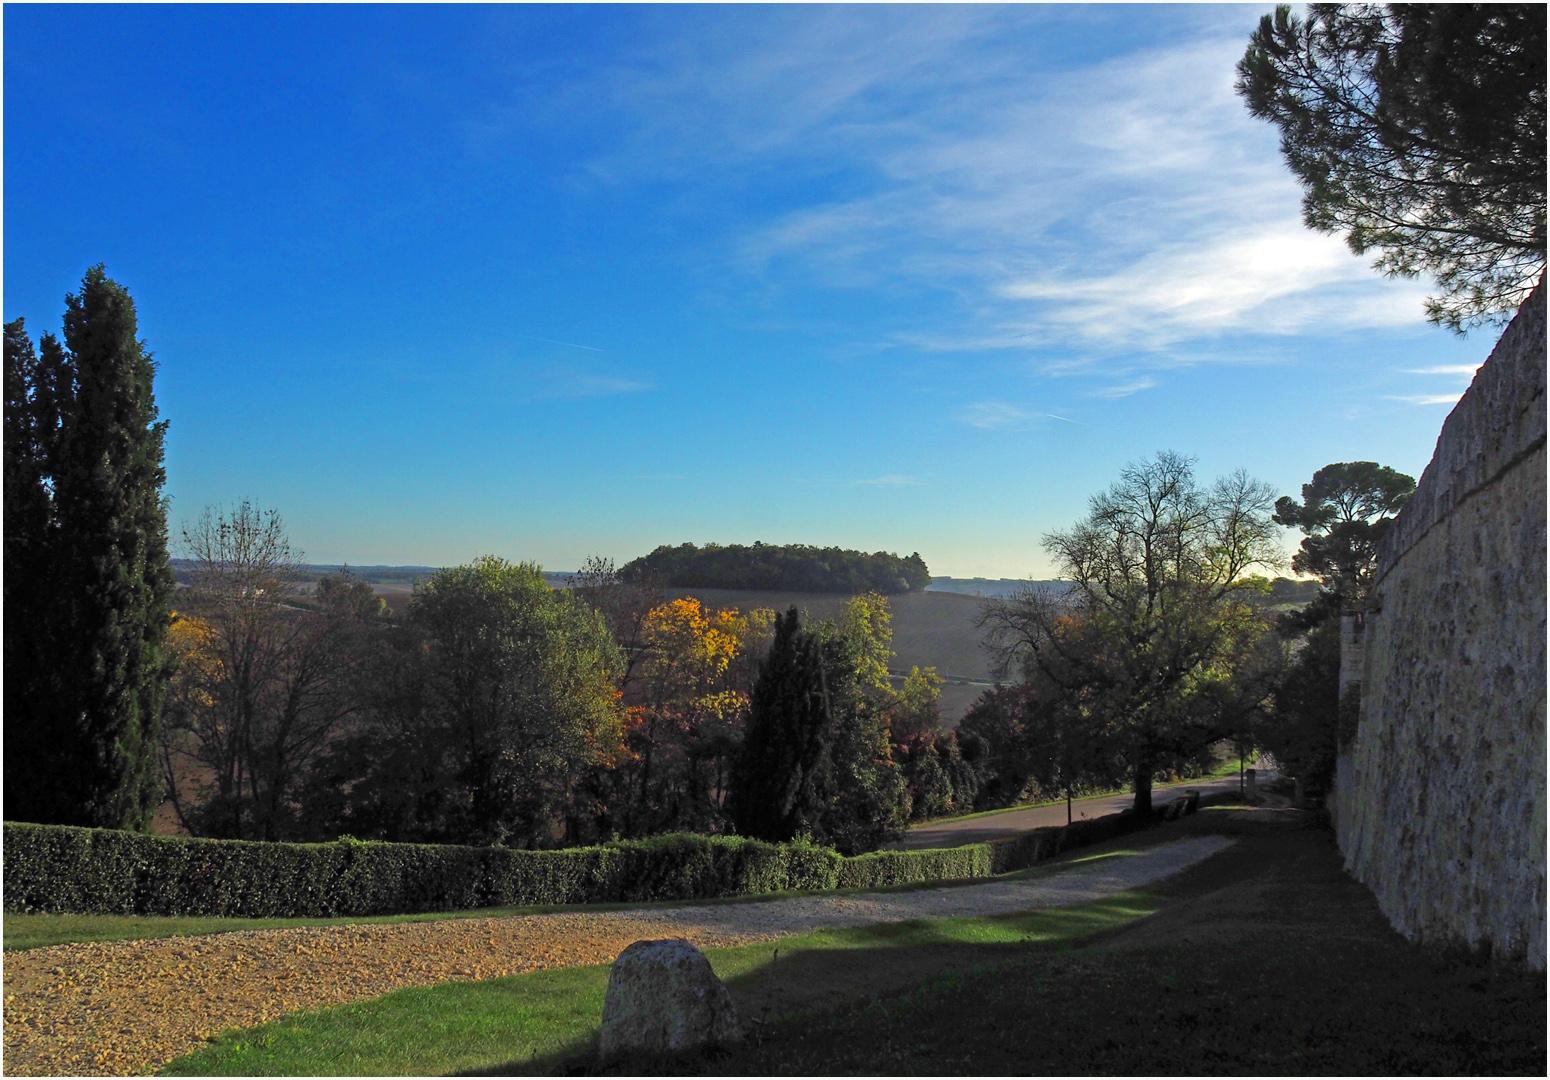 Vue sur la campagne à partir de Terraube  --  Gers